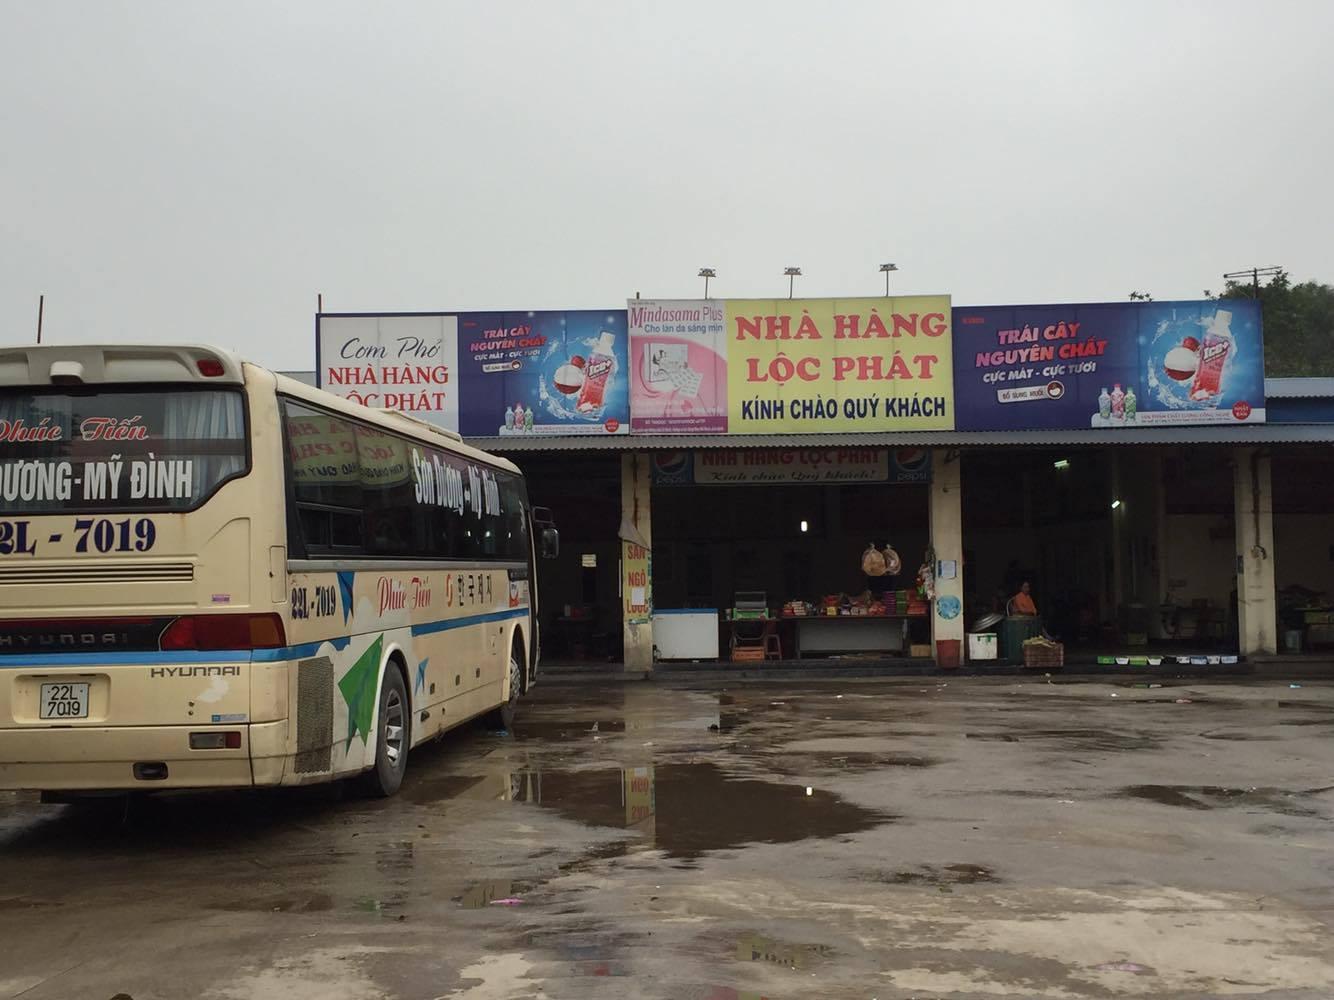 Thông tin nhà hàng Lộc Phát tổ chức ném đá xe khách là không có căn cứ - Ảnh 1